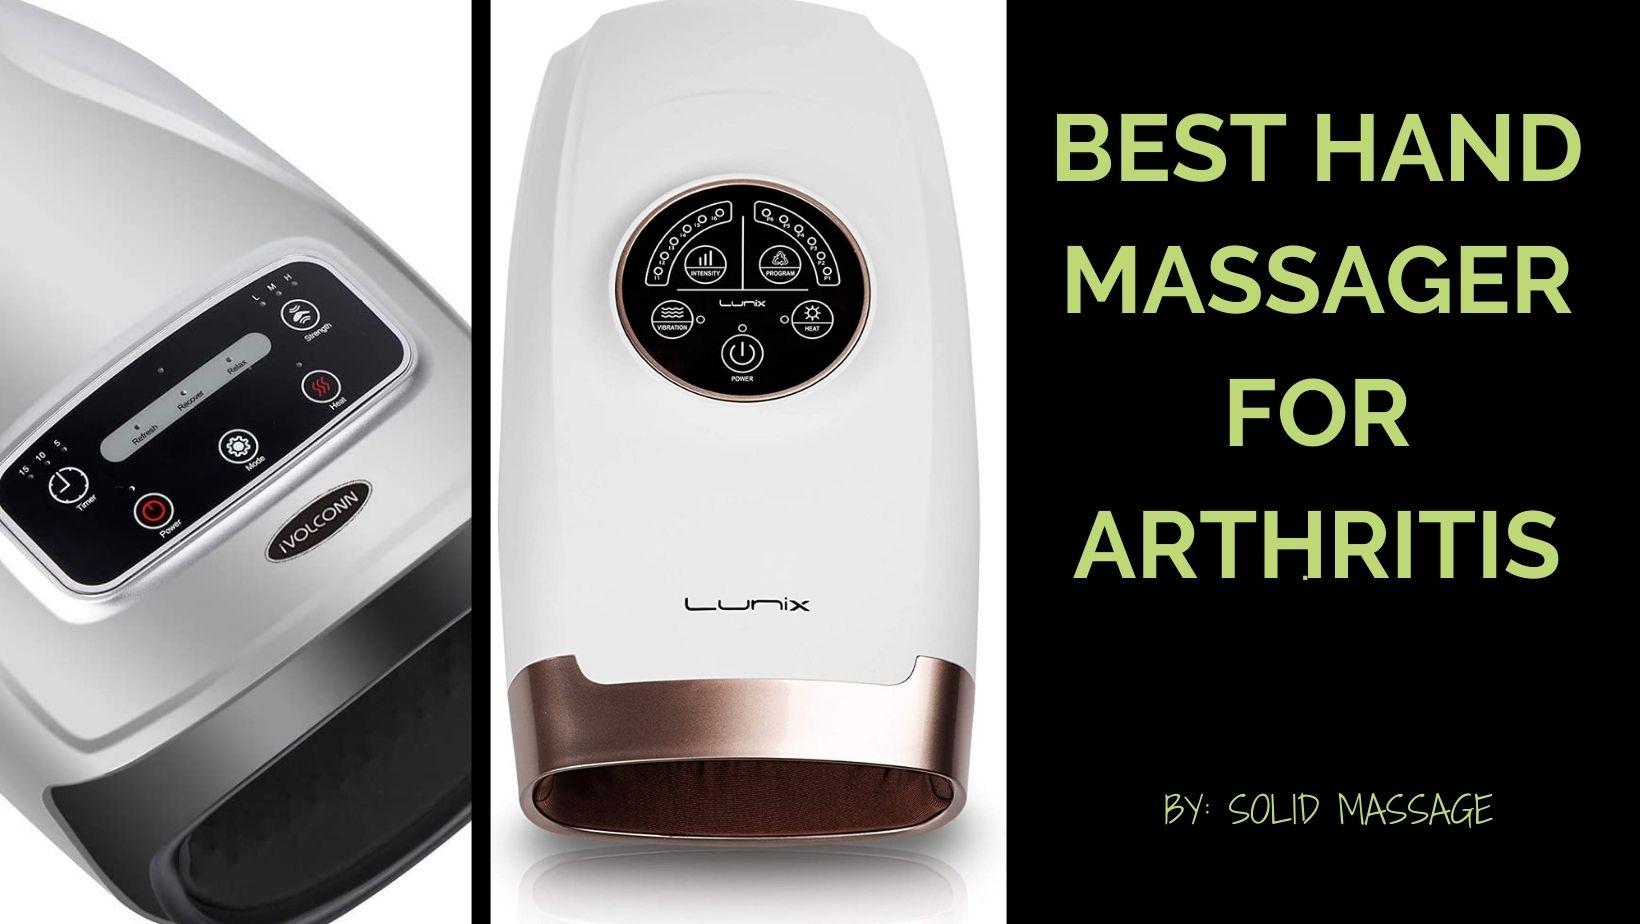 Best Hand Massager For Arthritis